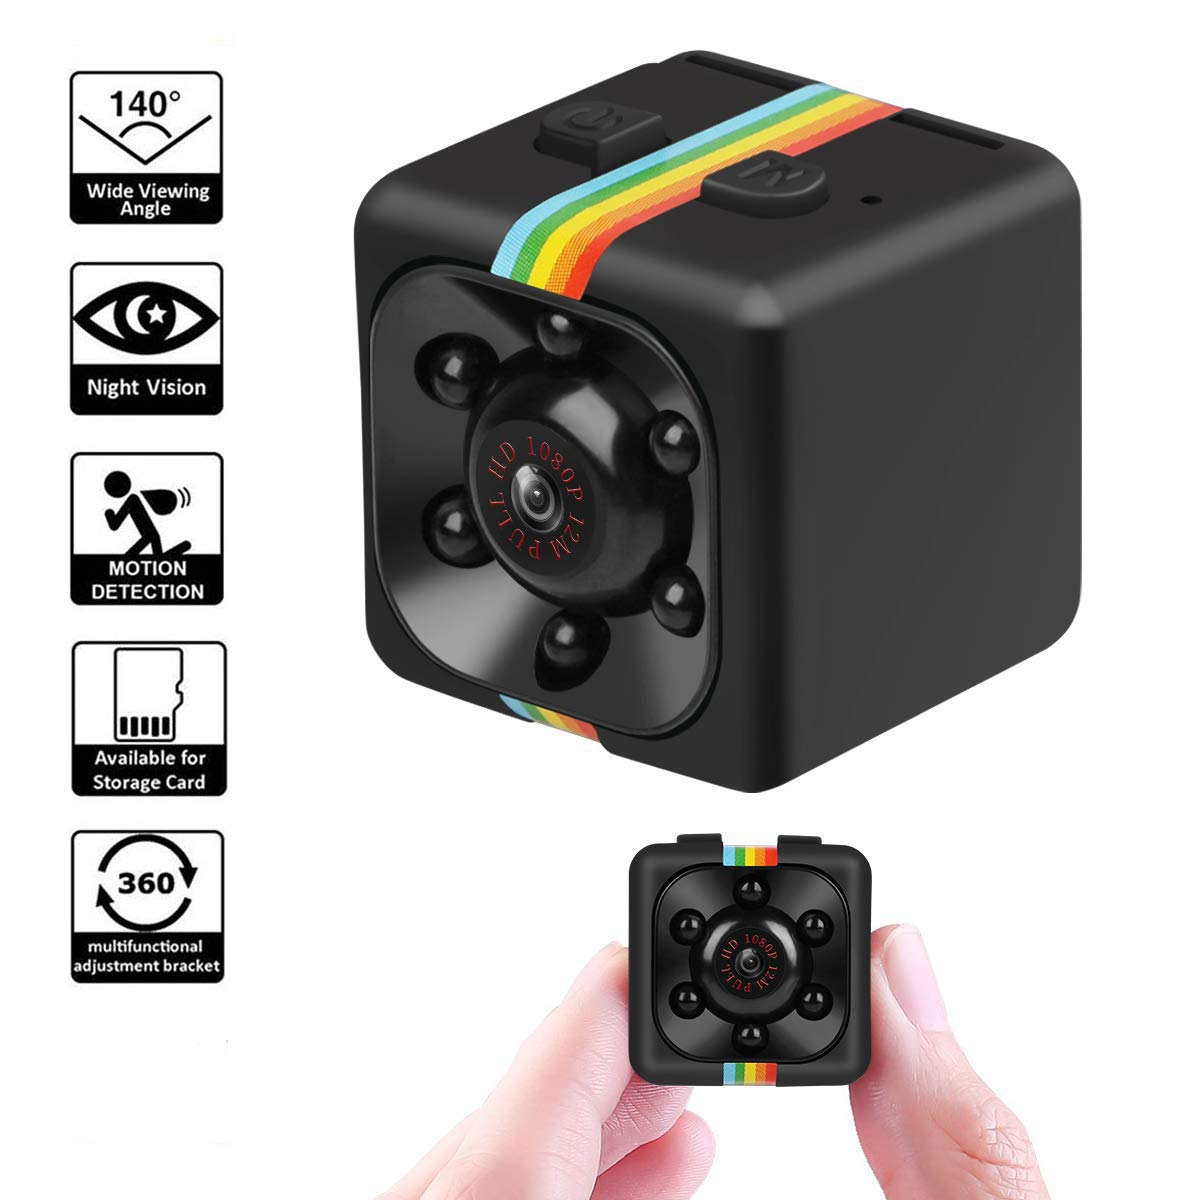 Шпионска микро камера SQ11 FULL HD с нощен режим и датчик за движение, карта памет до 32GB